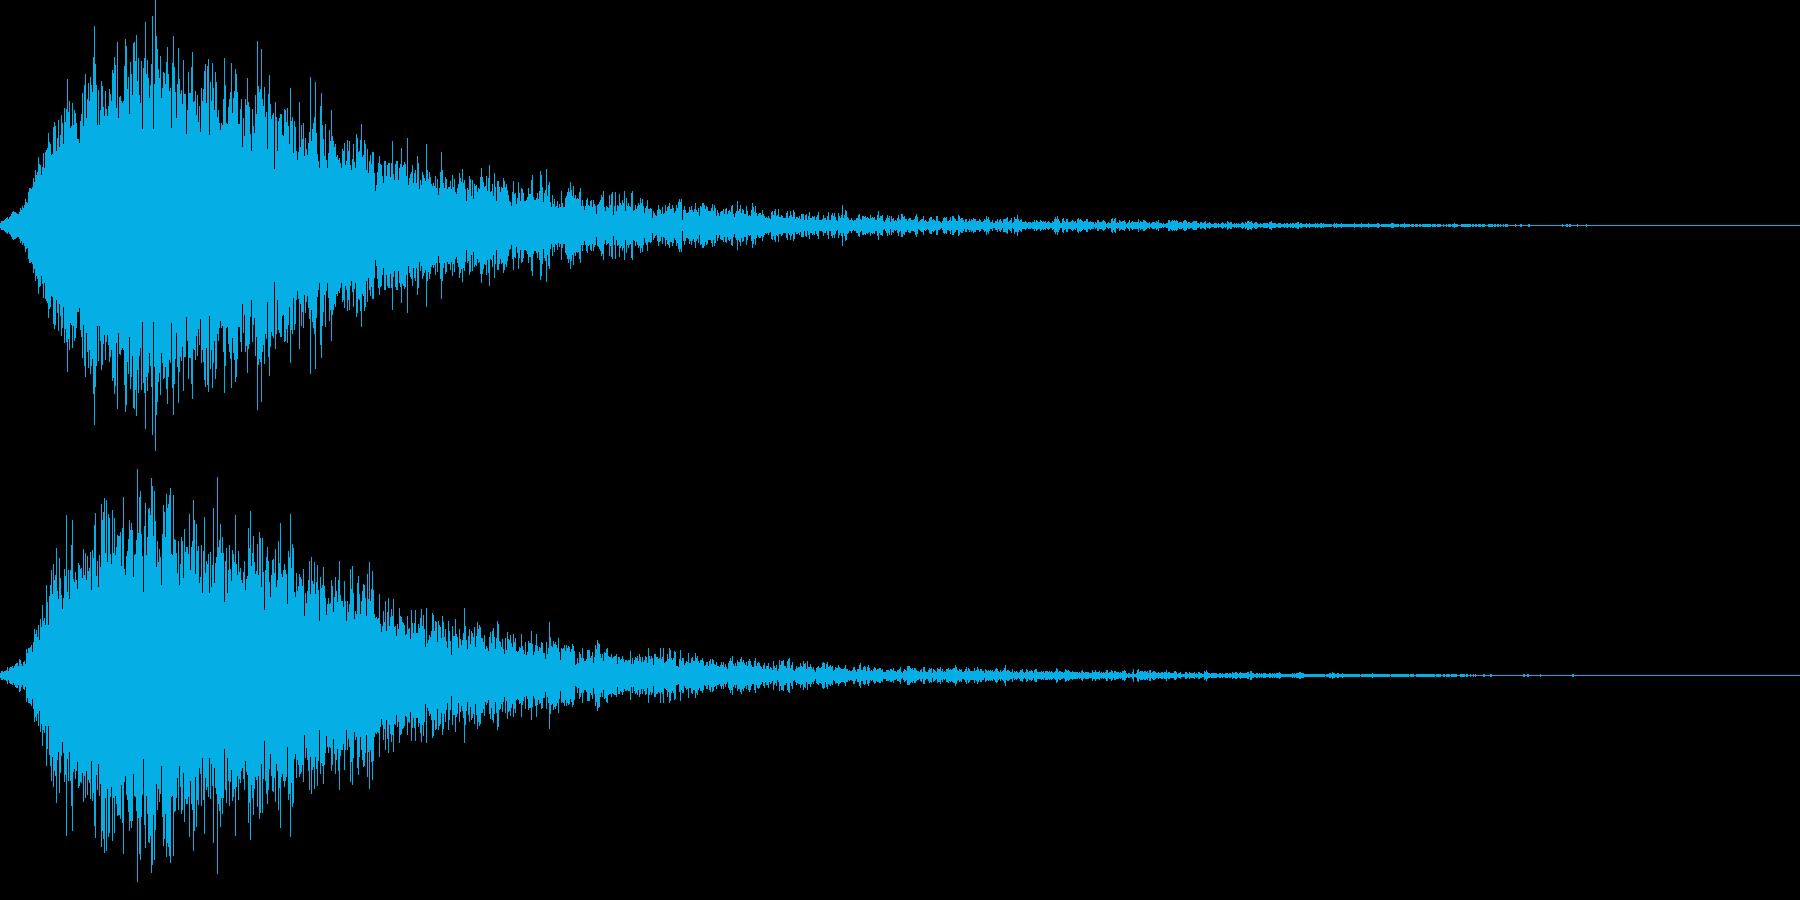 シャキーン キラーン☆強烈な輝きに!19の再生済みの波形